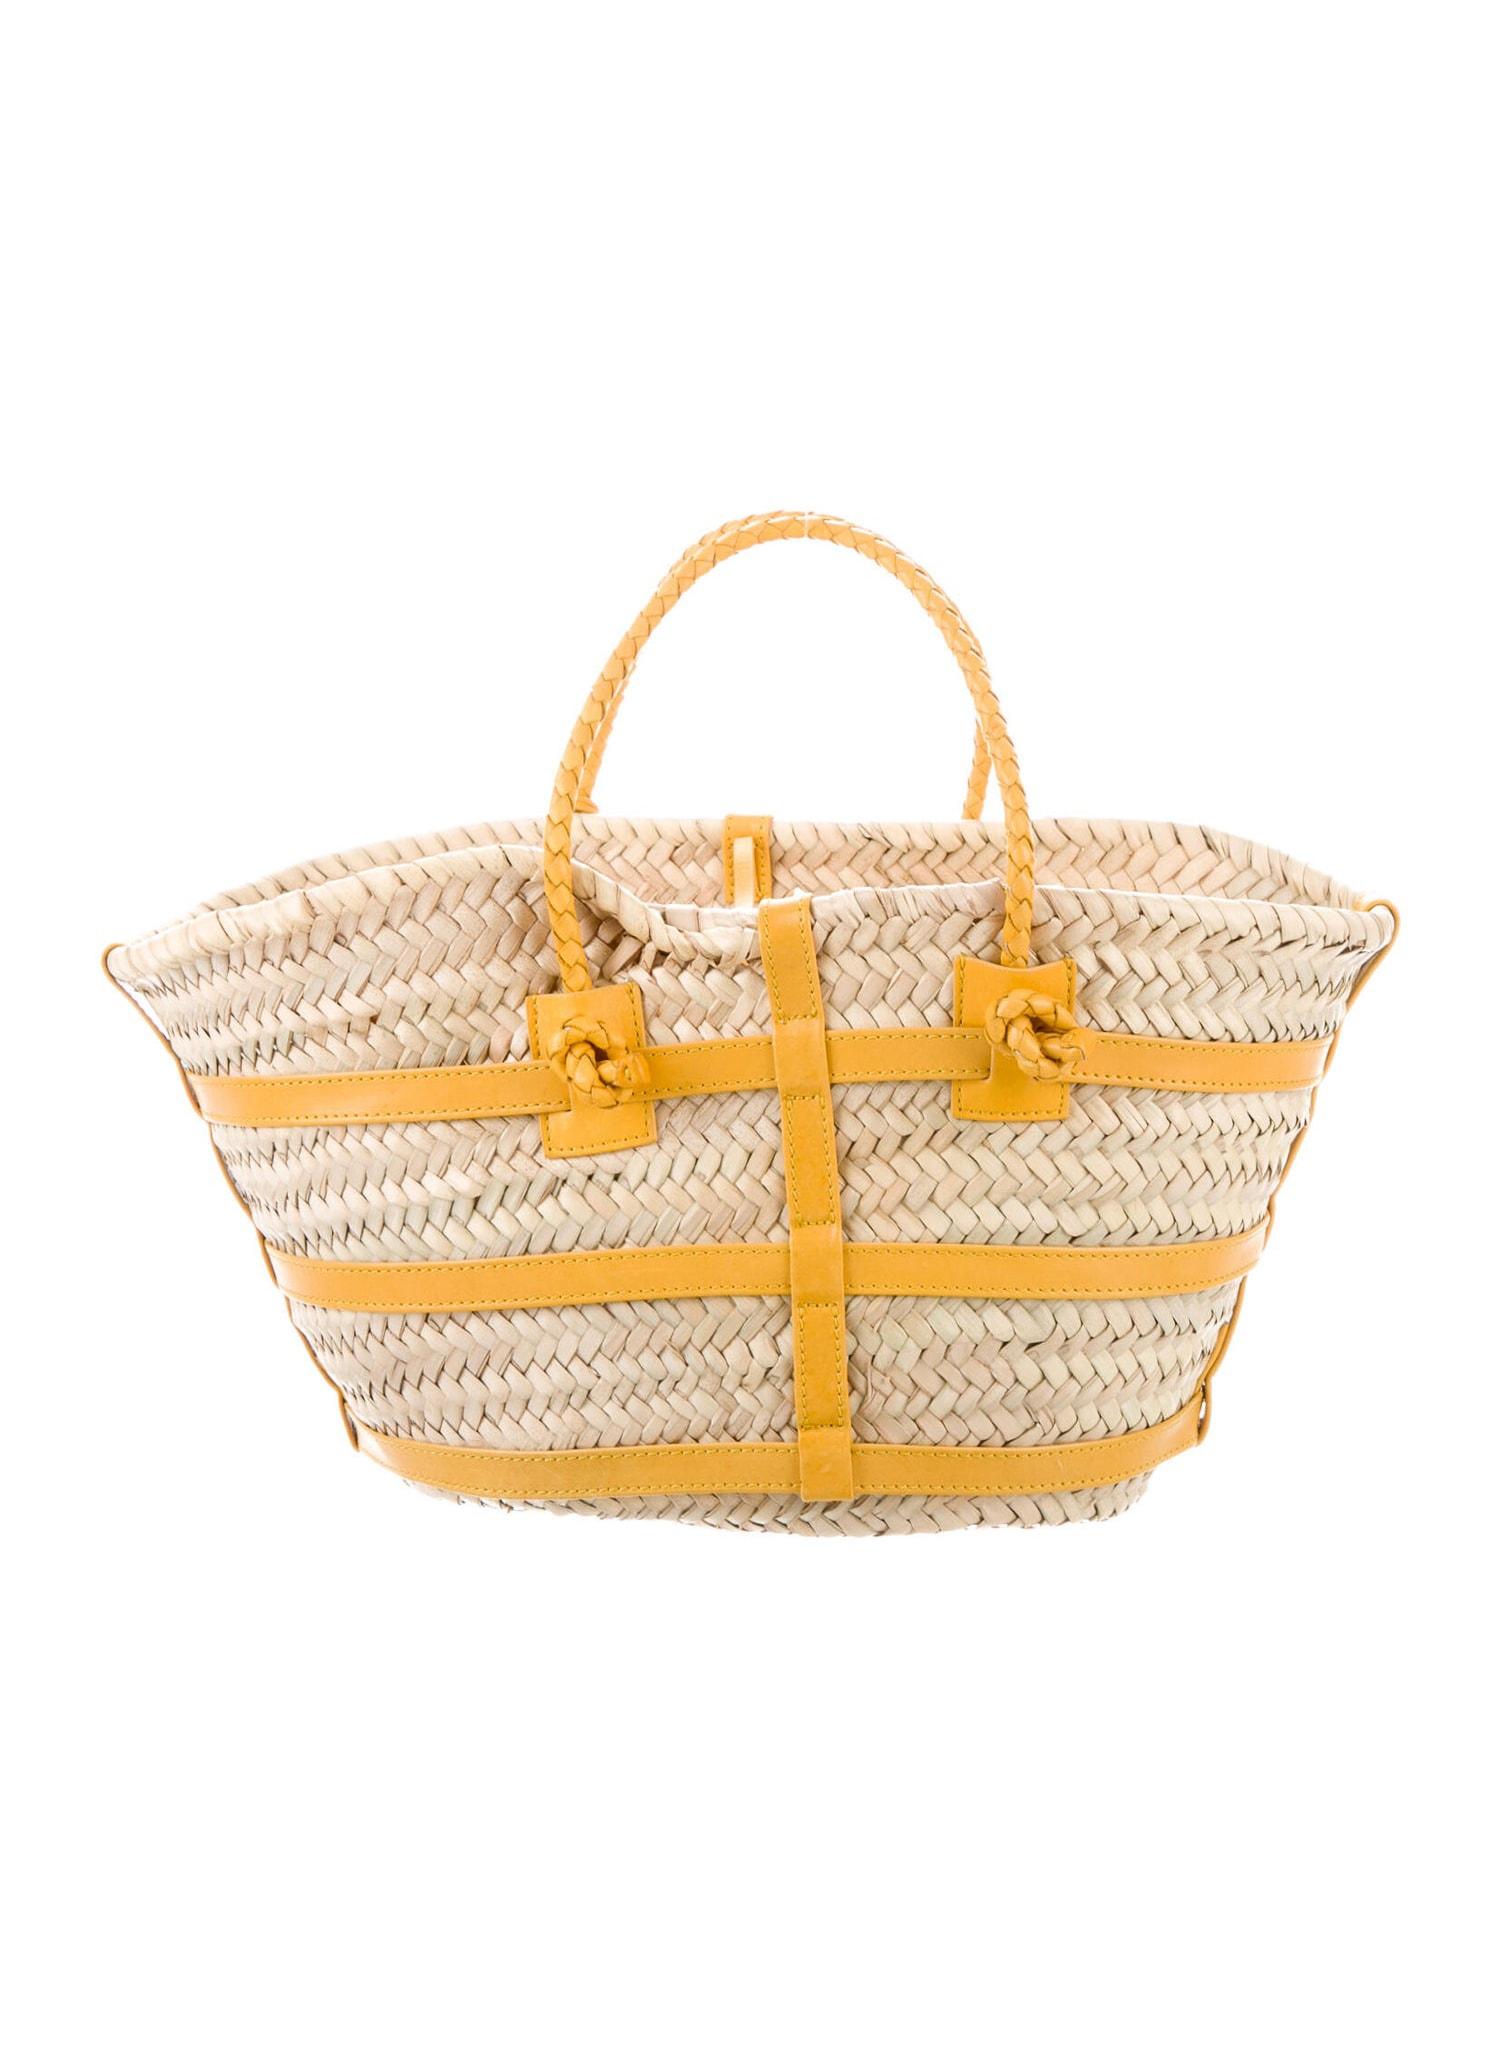 ALTUZARRA Straw Handle Bag